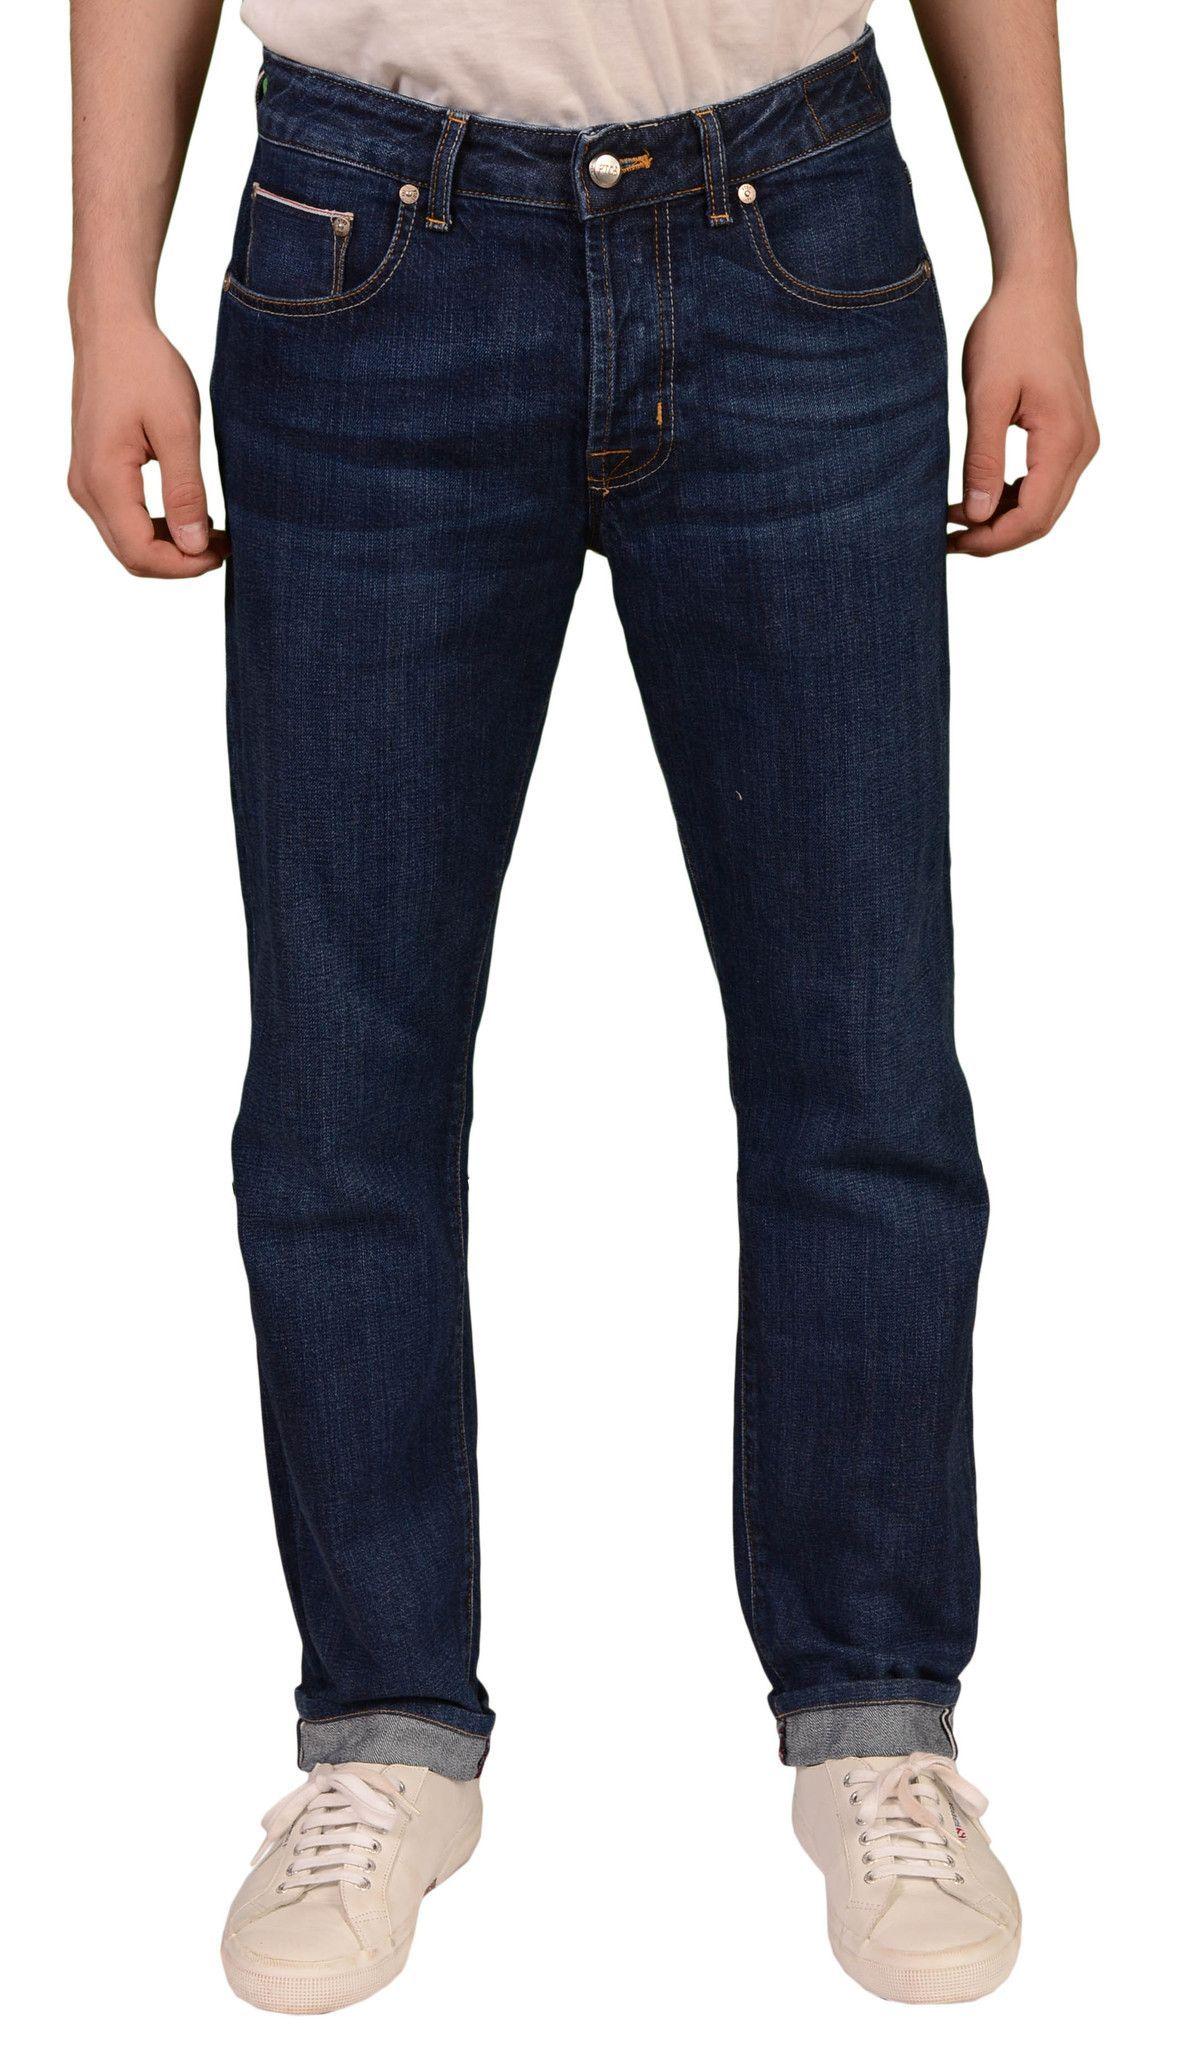 PT05 Pantaloni Torino Blue Denim Slim Fit 5 Pockets Selvedge Jeans US 31